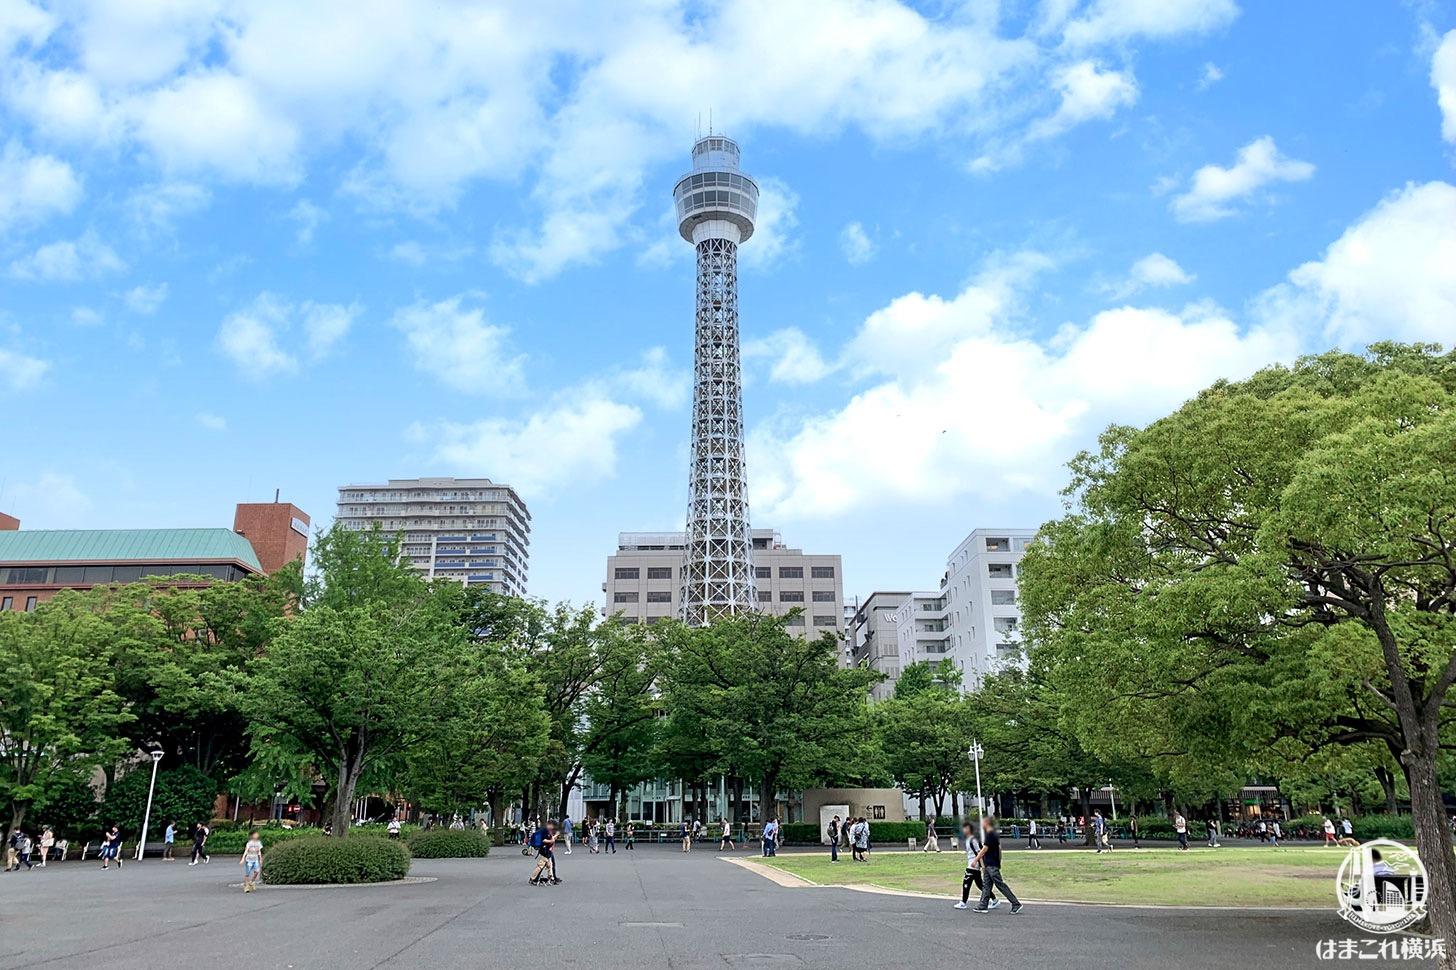 横浜マリンタワー 工事中のの塔体等を活用したライトアップ、7月7日より実施